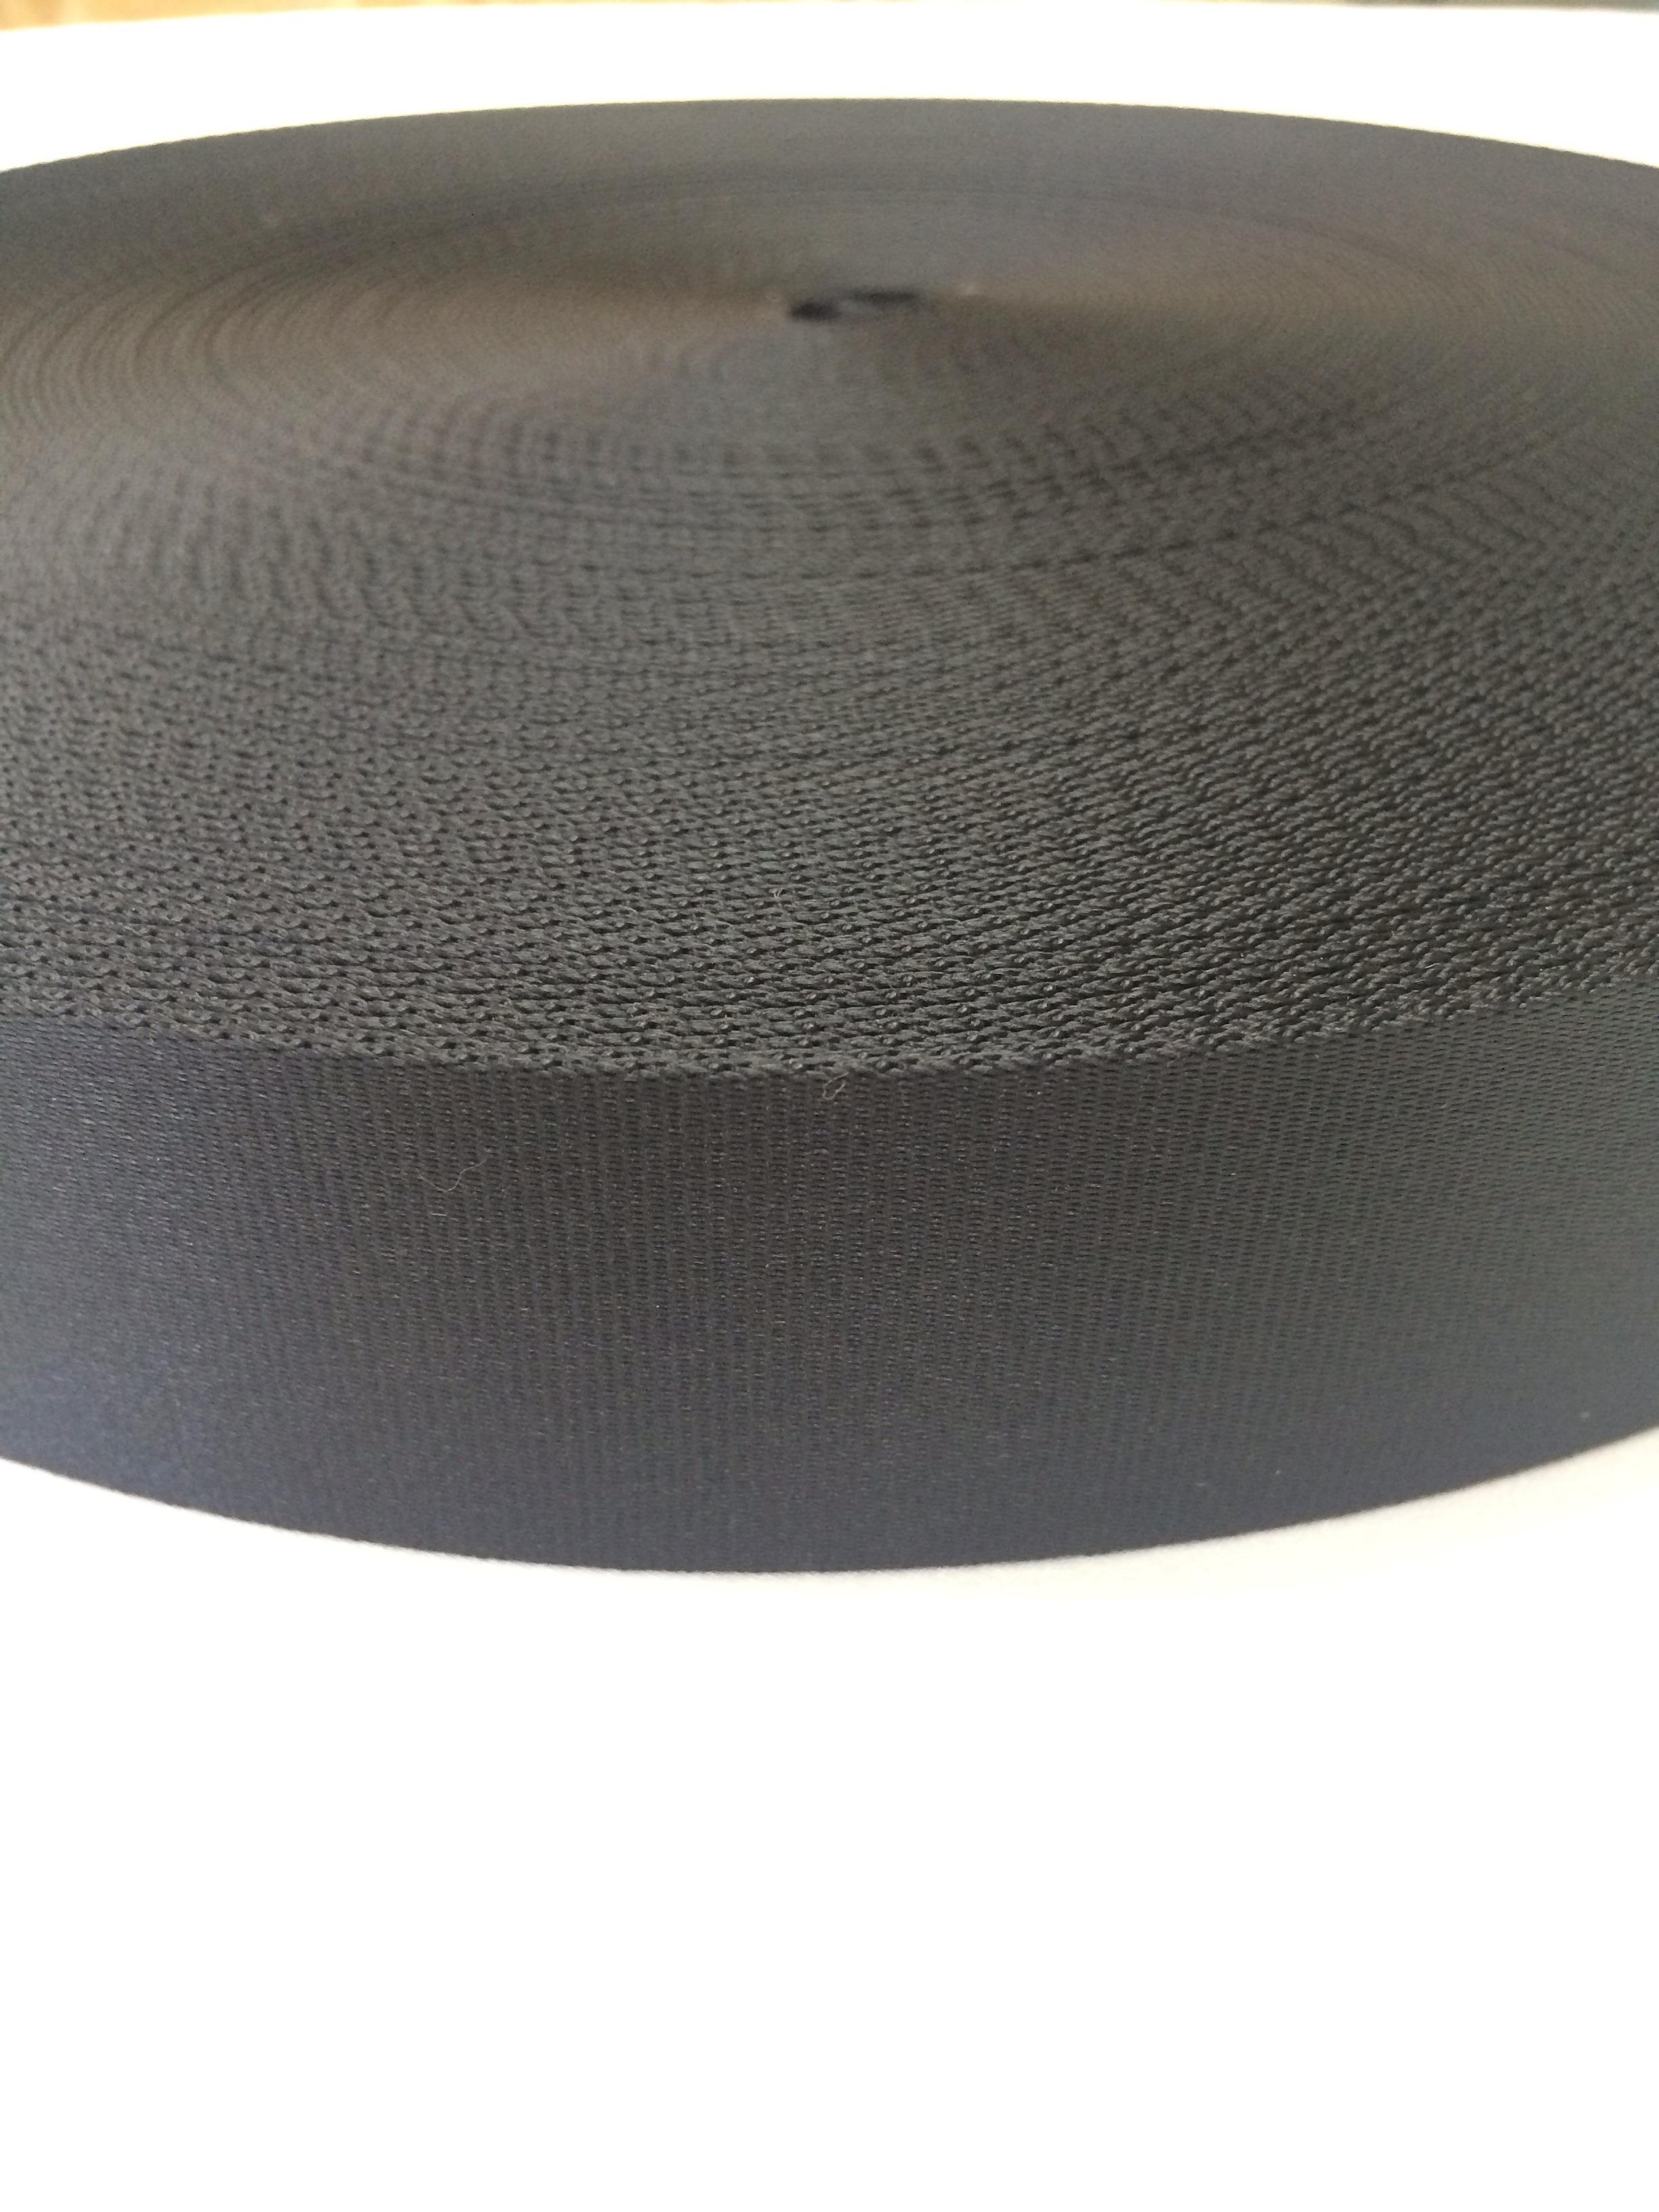 ナイロン ベルト テープ  朱子織  38mm幅   黒  5m